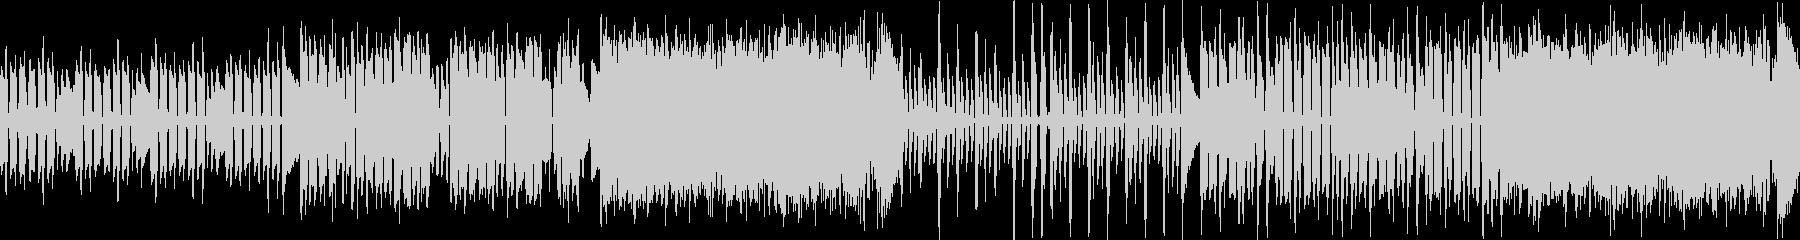 ほのぼのした雰囲気のアコギ楽曲ループの未再生の波形